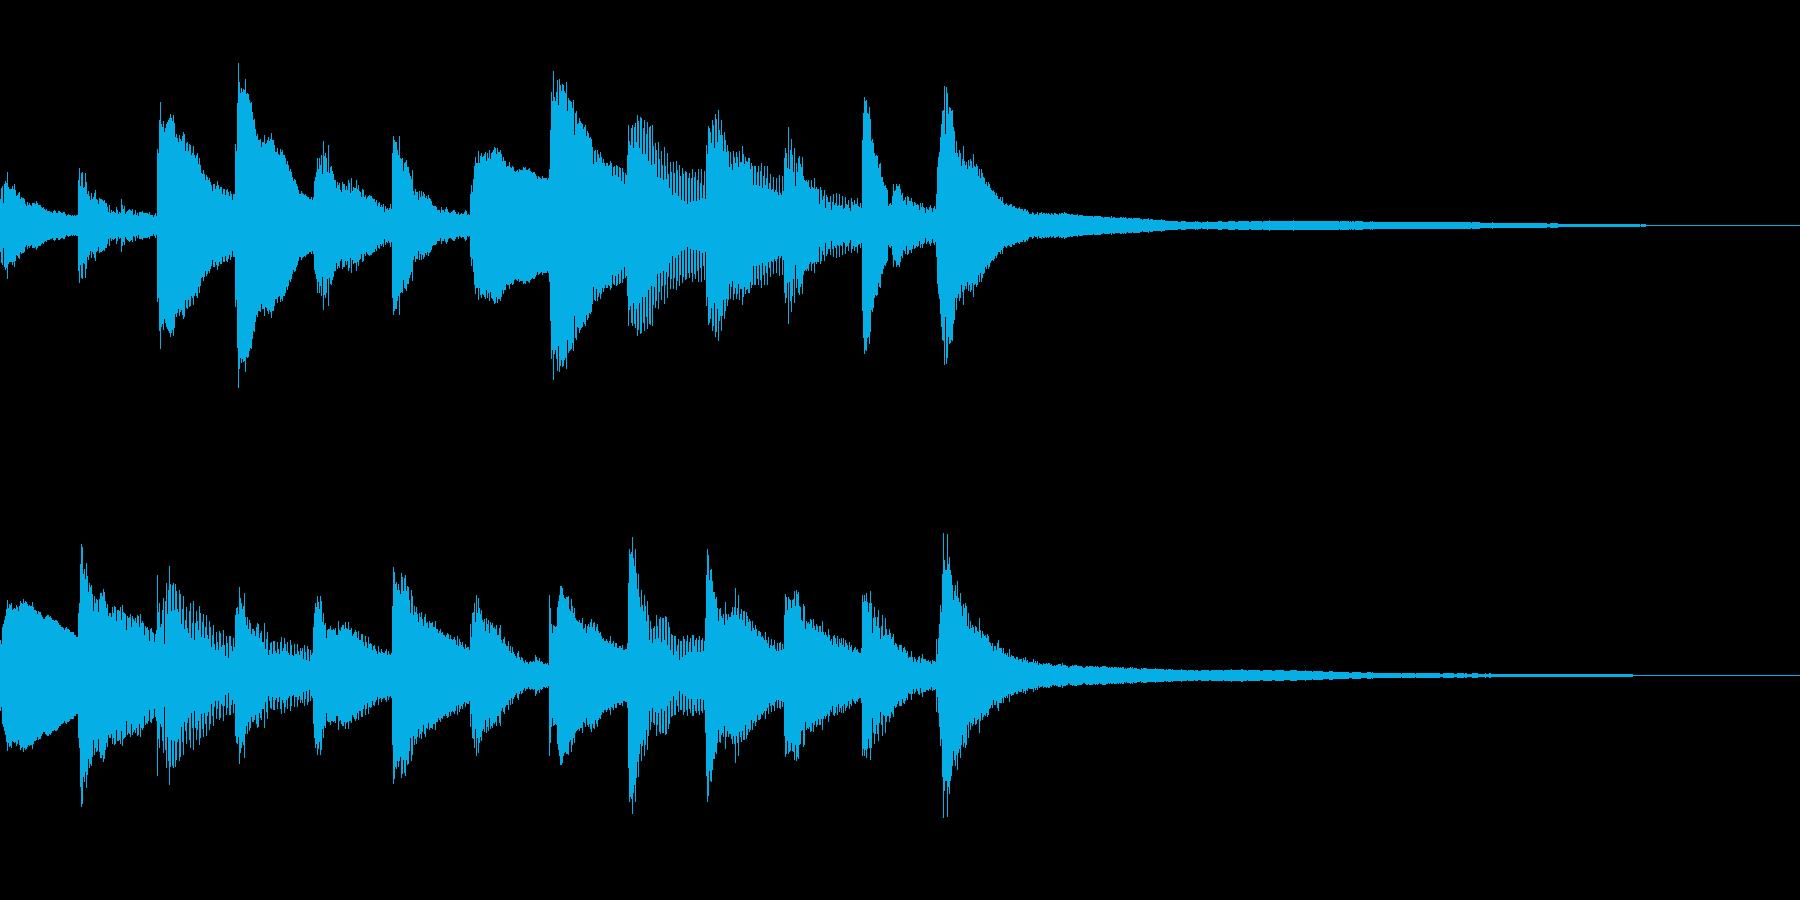 ピアノを使ったシンプルなサウンドロゴの再生済みの波形